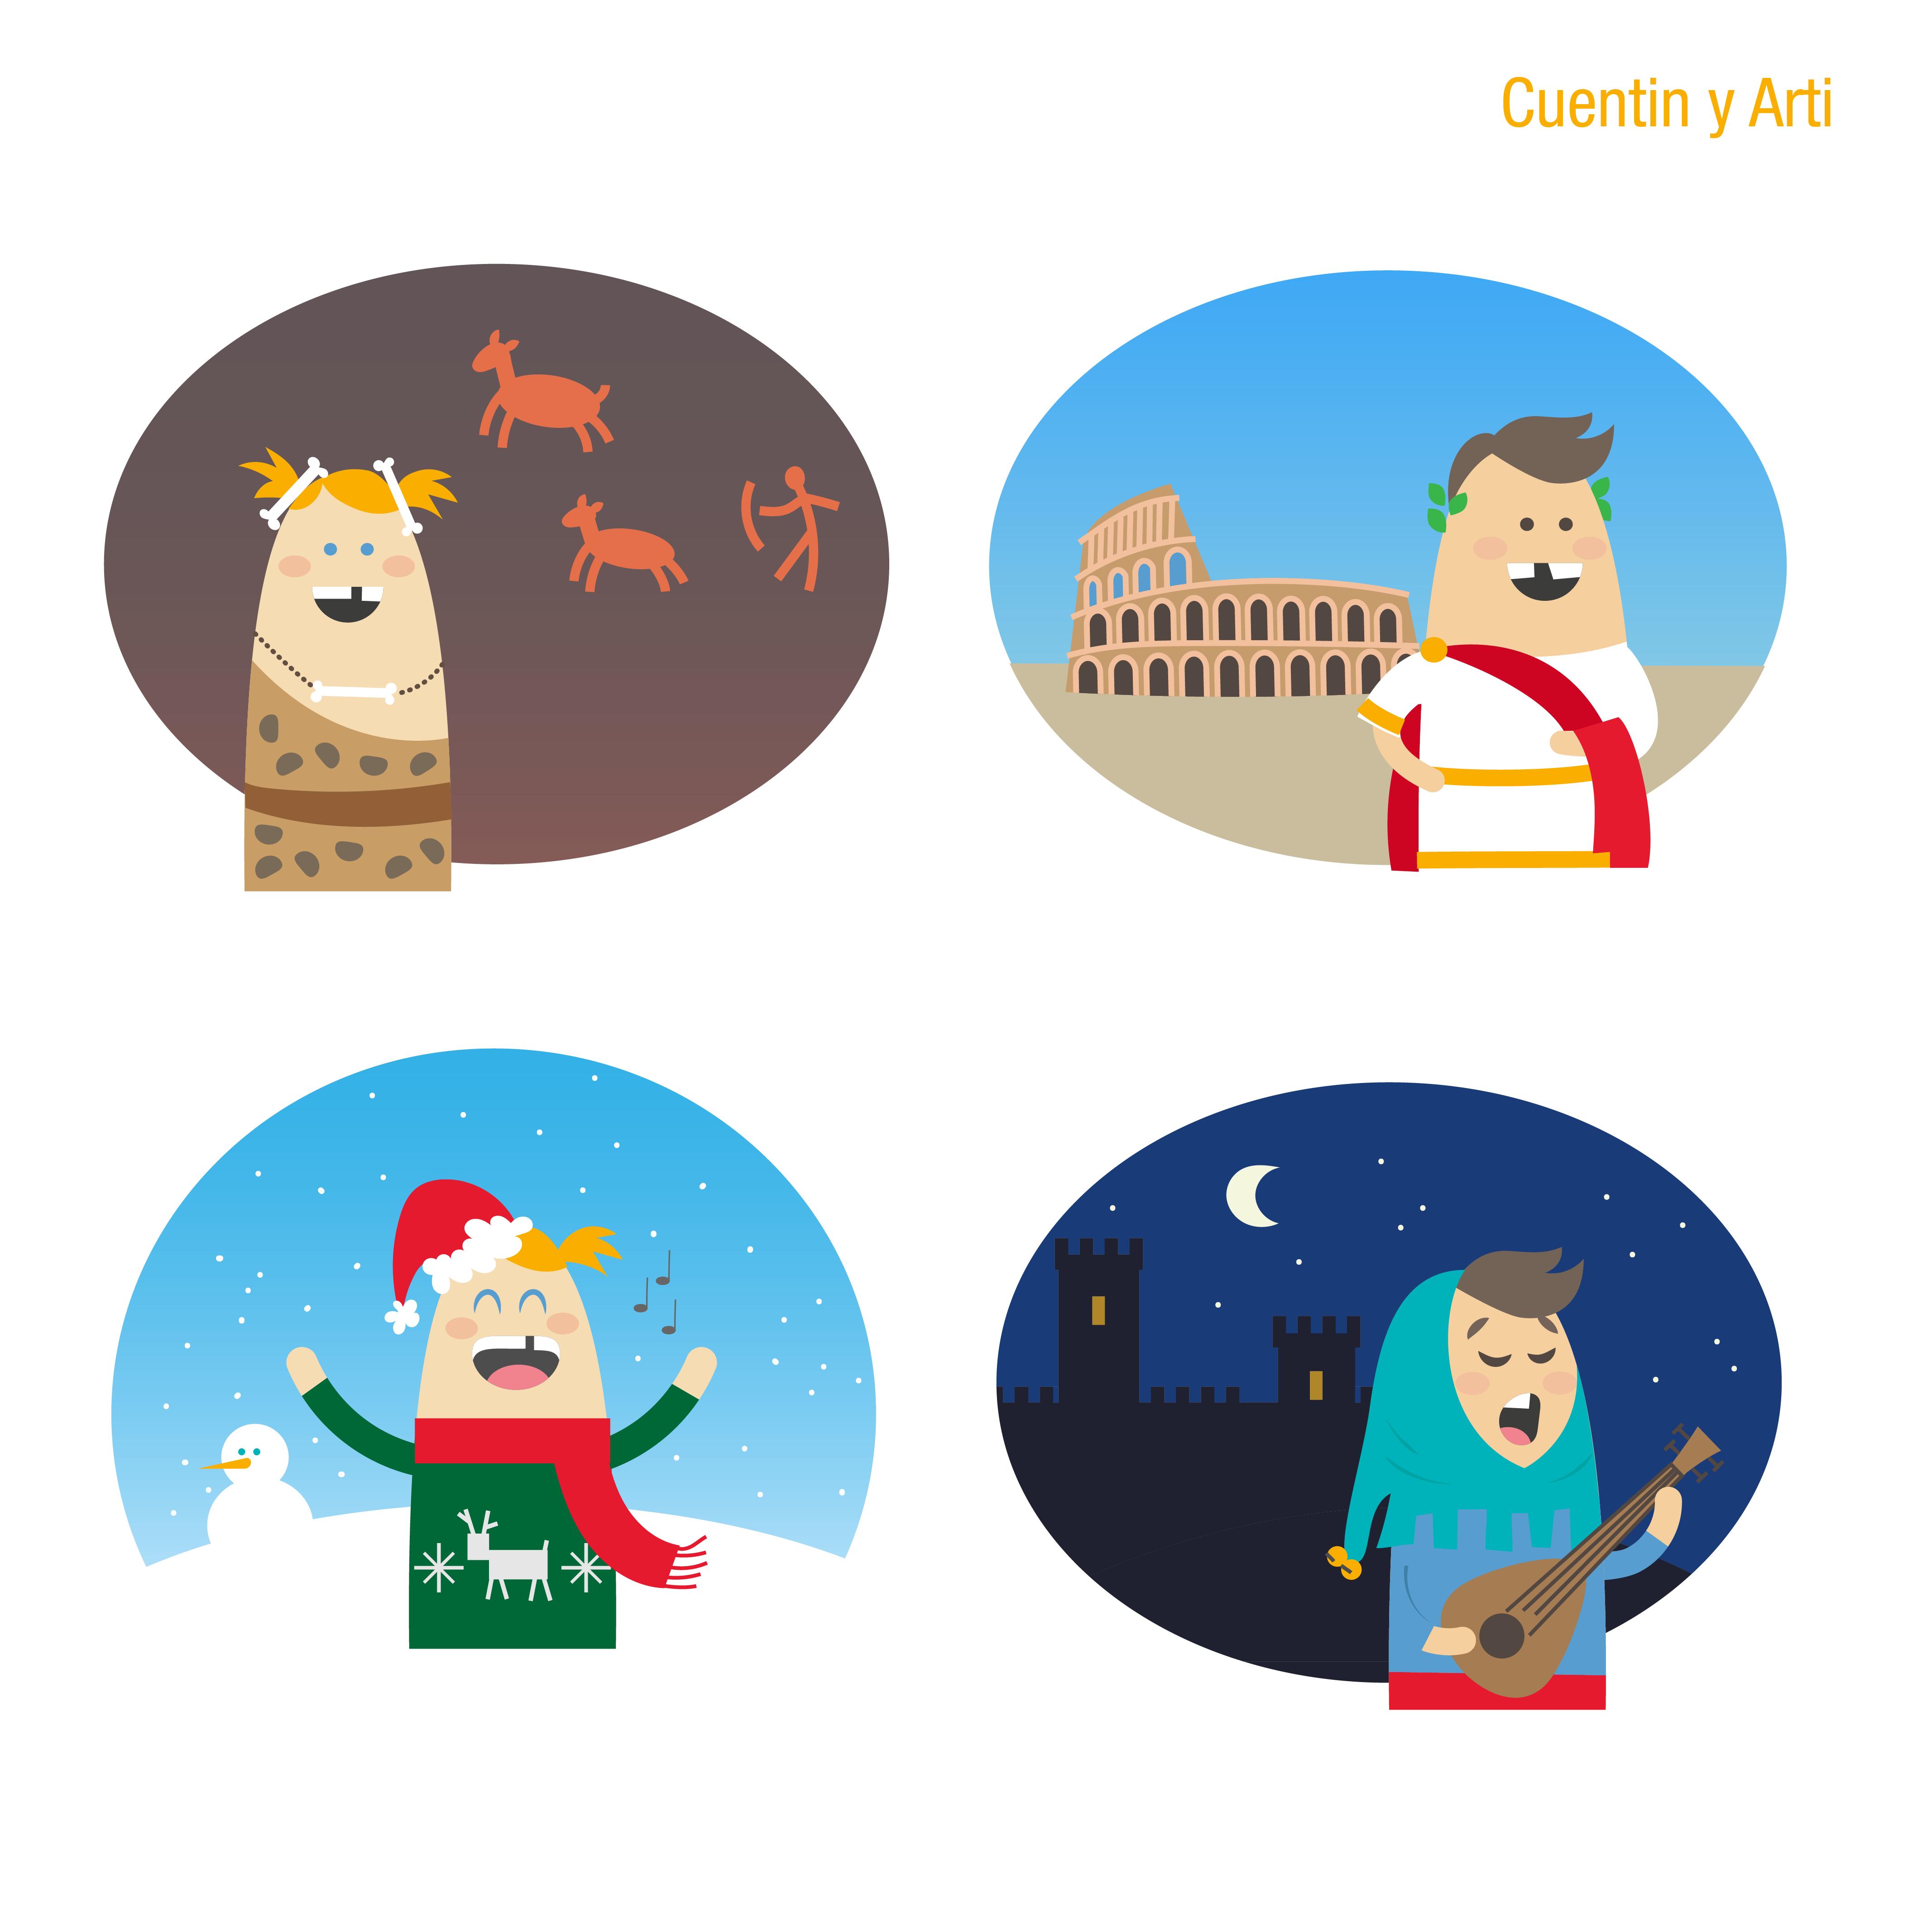 Diseño de personajes para Cuentame un cuadro historia aviles